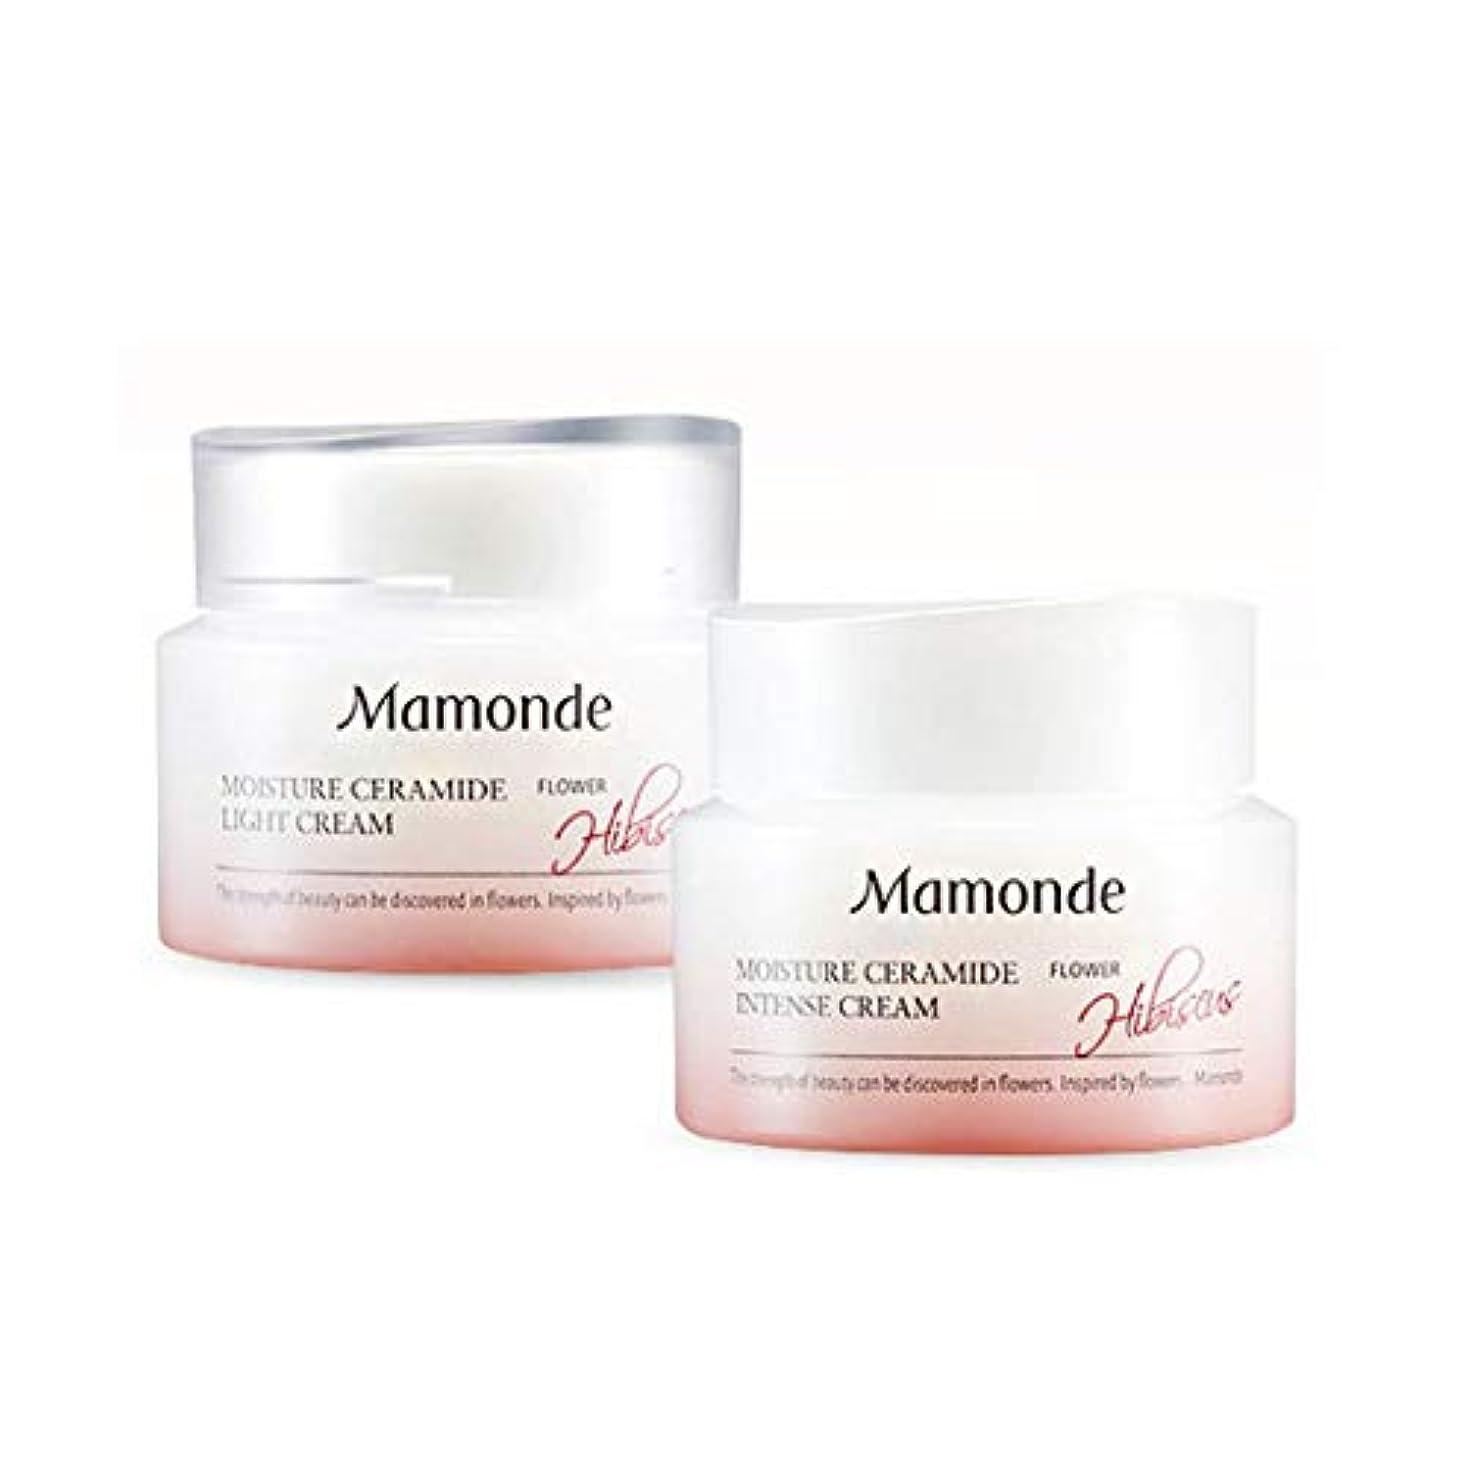 ブースパケット散歩に行くマモンドモイスチャーセラミドインテンスクリーム50mlx2本セット韓国コスメ、Mamonde Moisture Ceramide Intense Cream 50ml x 2ea Set Korean Cosmetics...